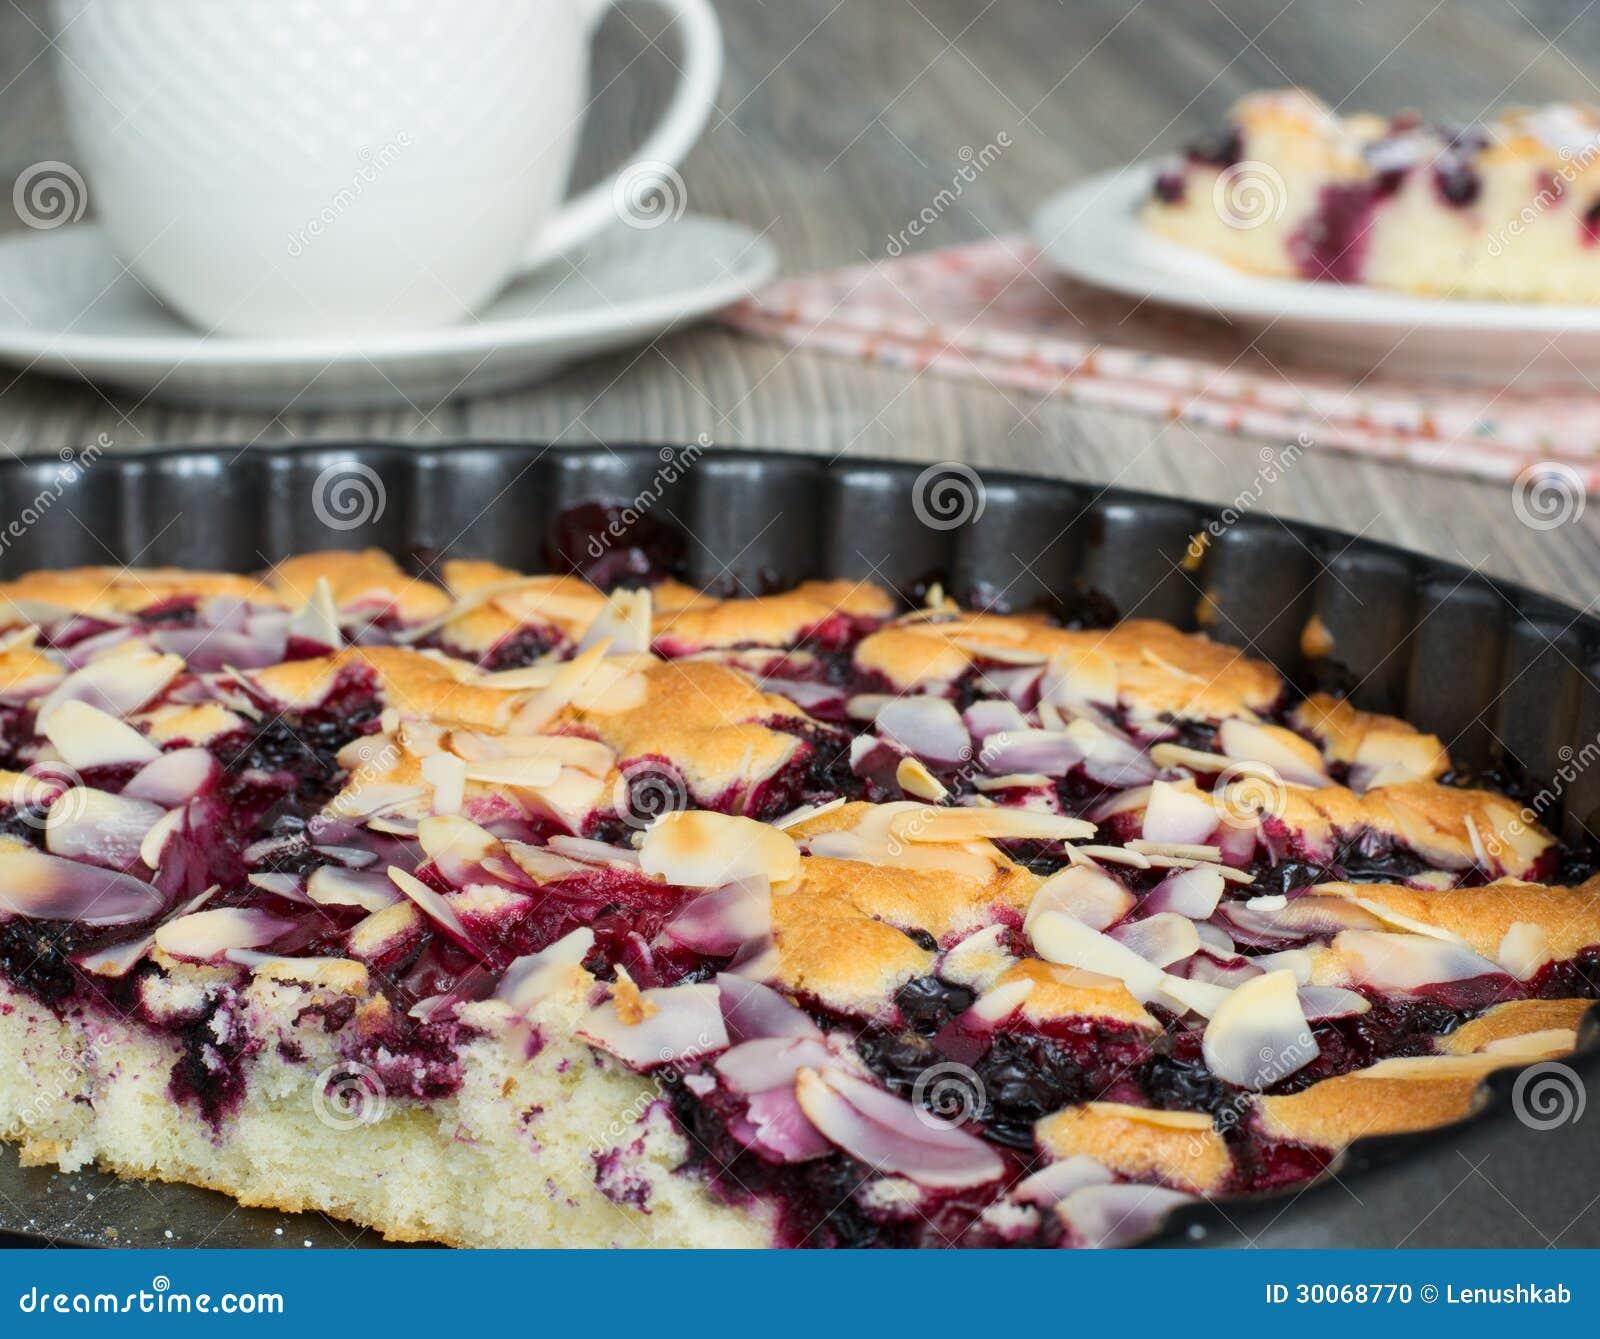 Geschmackvoller Kuchen Mit Gefrorenen Beeren Stockfoto - Bild von